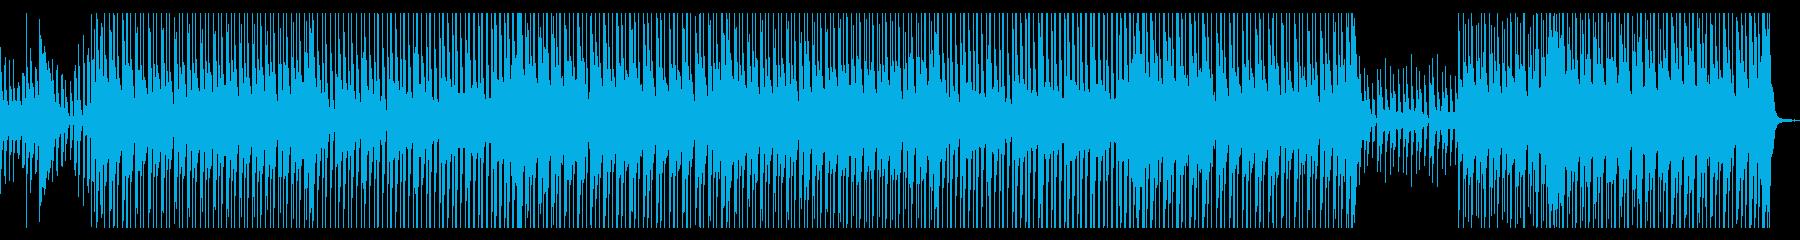 レゲエ ファッション BGM 洋楽の再生済みの波形